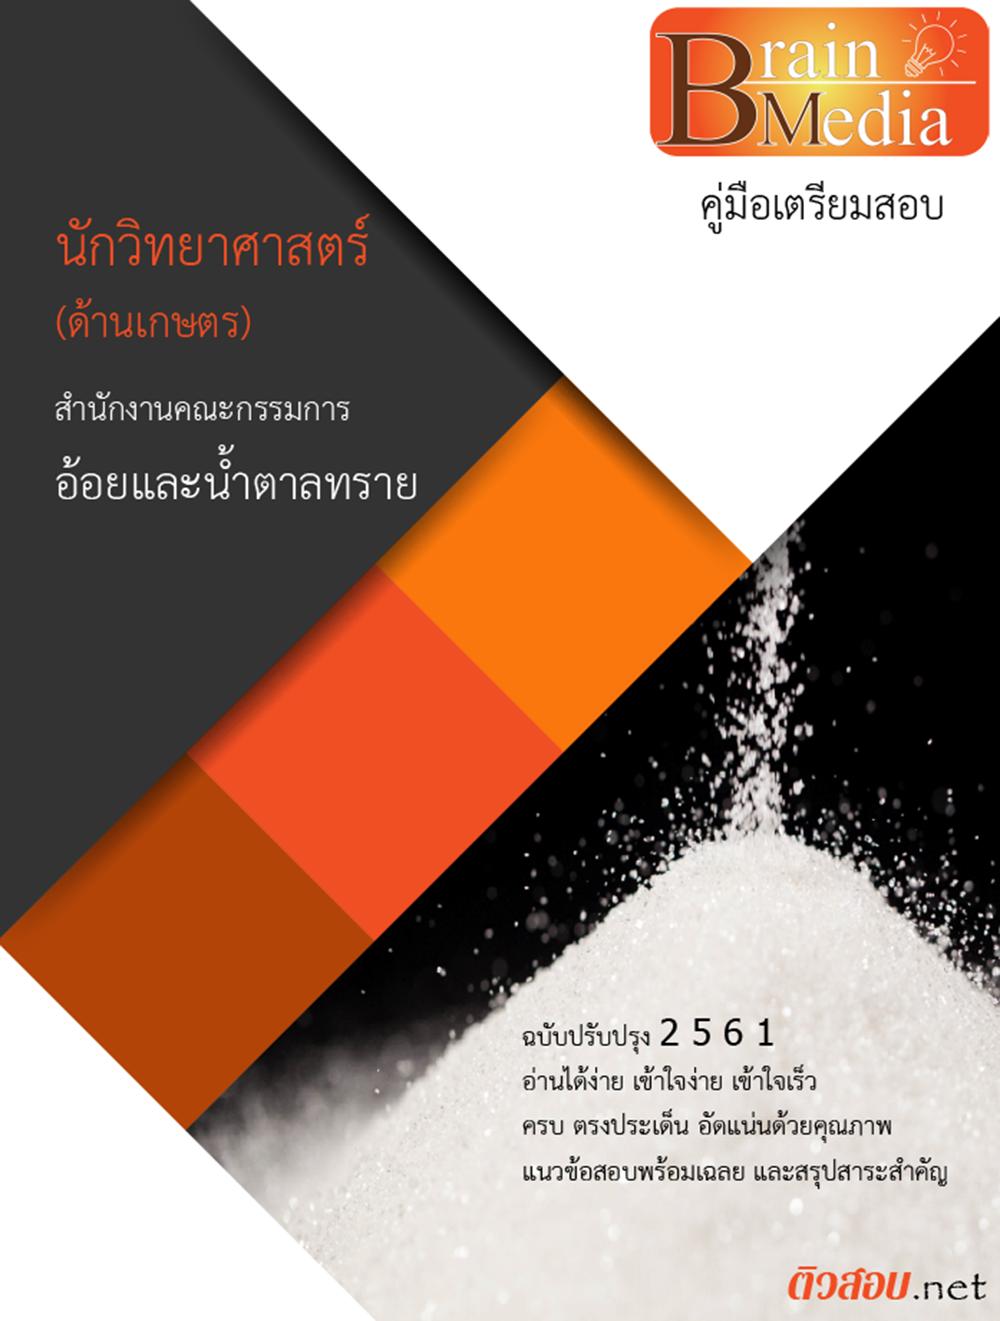 เฉลยแนวข้อสอบ นักวิทยาศาสตร์ (ด้านเกษตร) สำนักงานคณะกรรมการอ้อยและน้ำตาลทราย